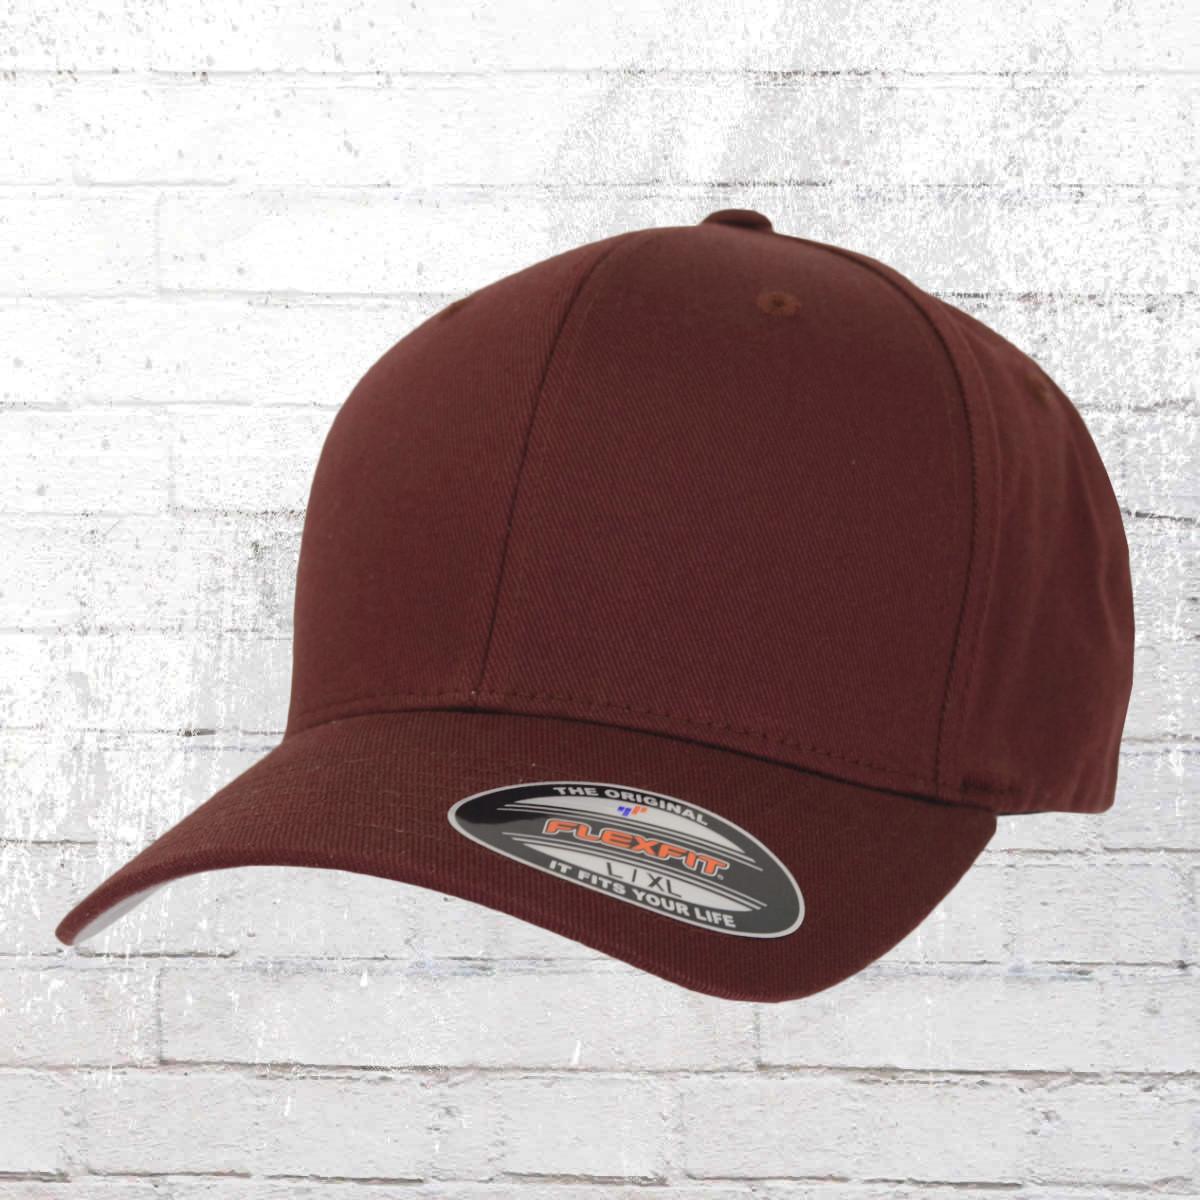 26d028835b22 Jetzt bestellen   Flexfit Blanko Cap Mütze Kappe Schirmmütze weinrot ...